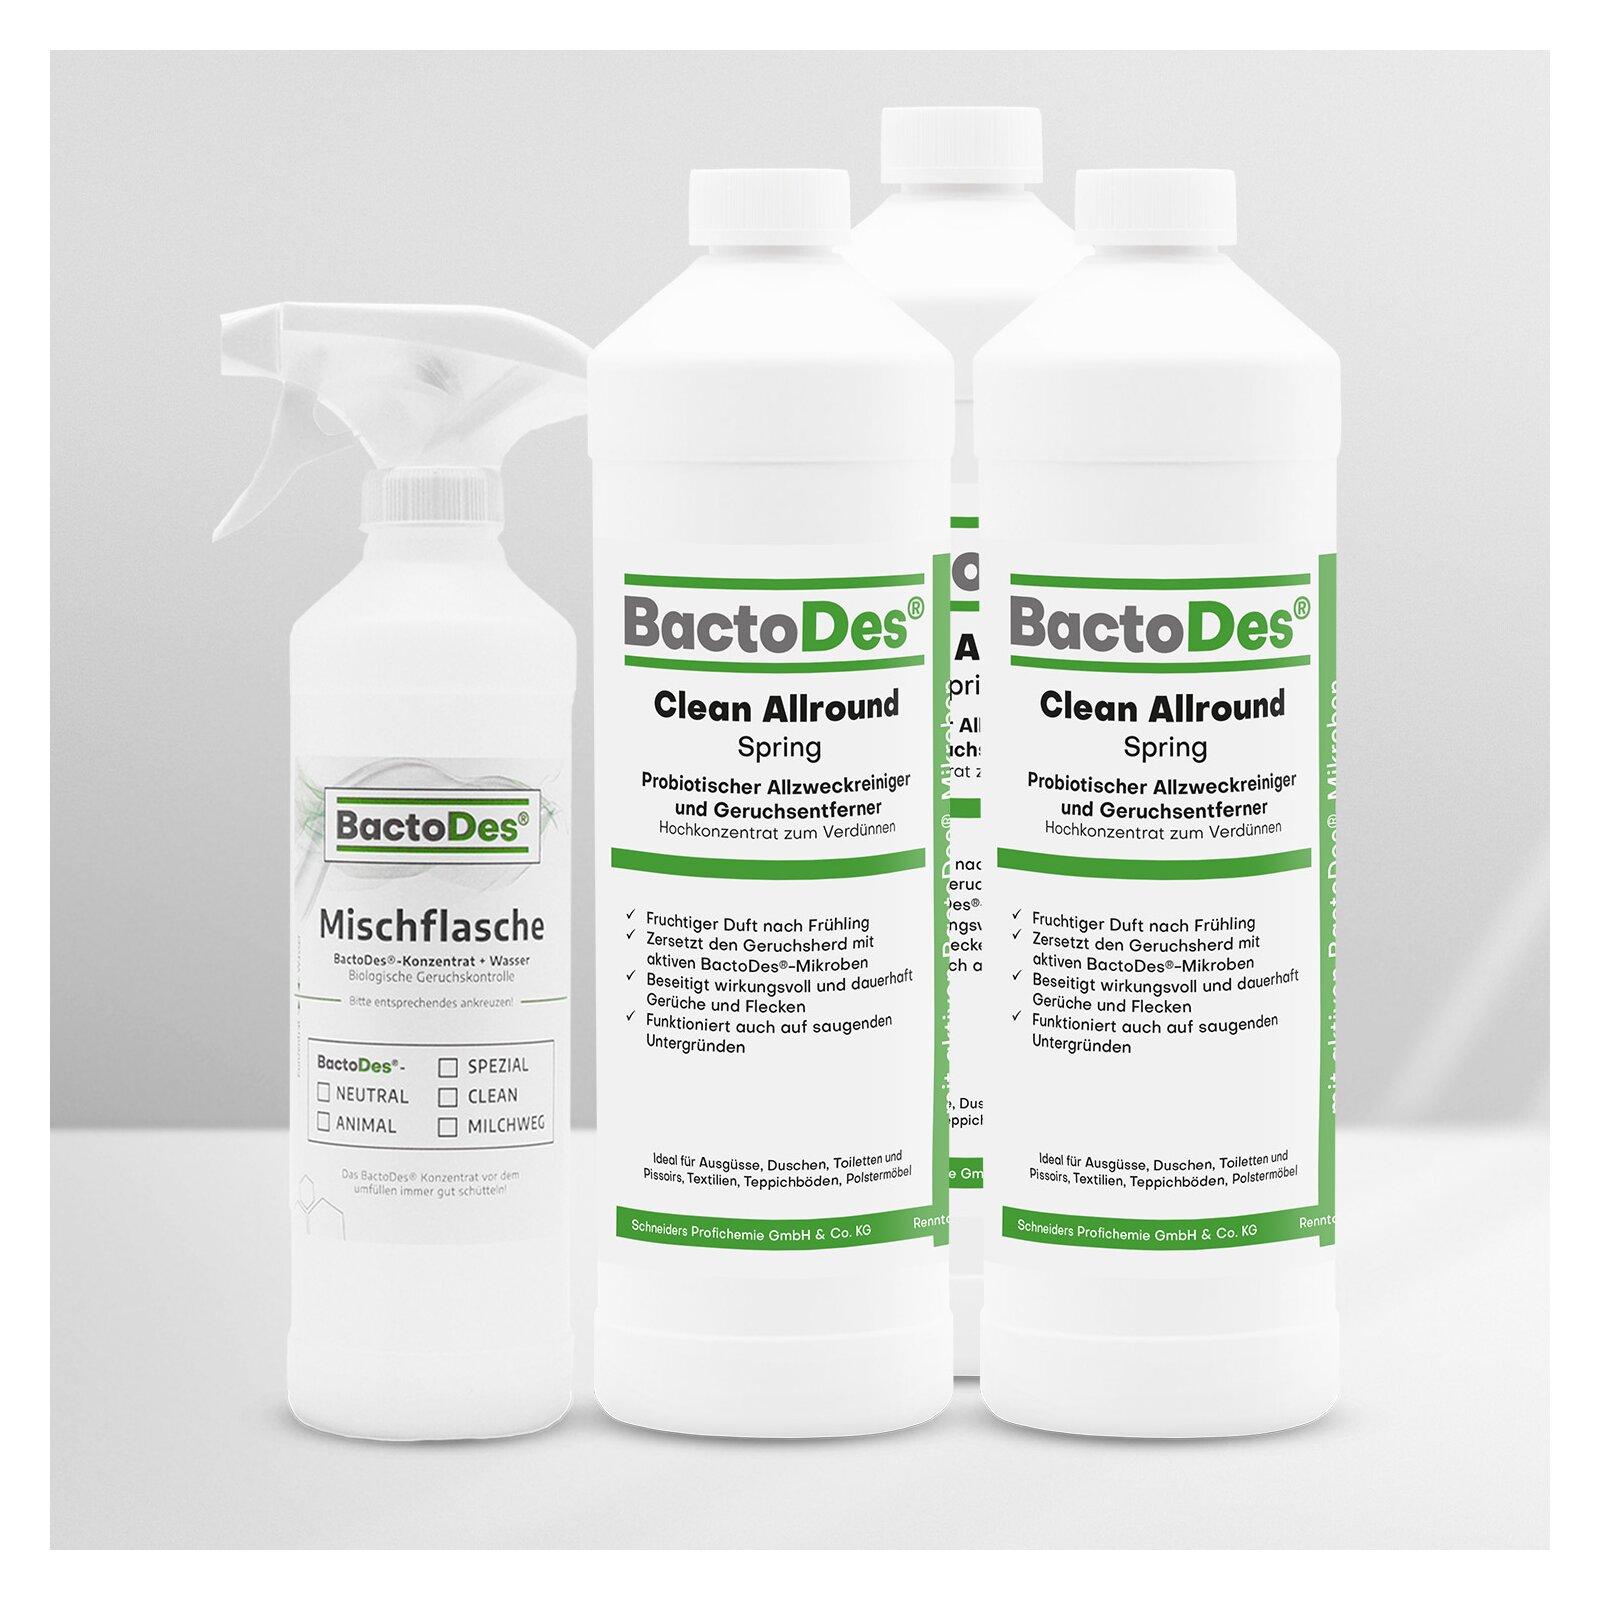 BactoDes(R)Clean Spring  Frühlingsbrise  Frisch  Blumig  Grün 3x1LiterSet incl1 MischUnd Sprühflasche